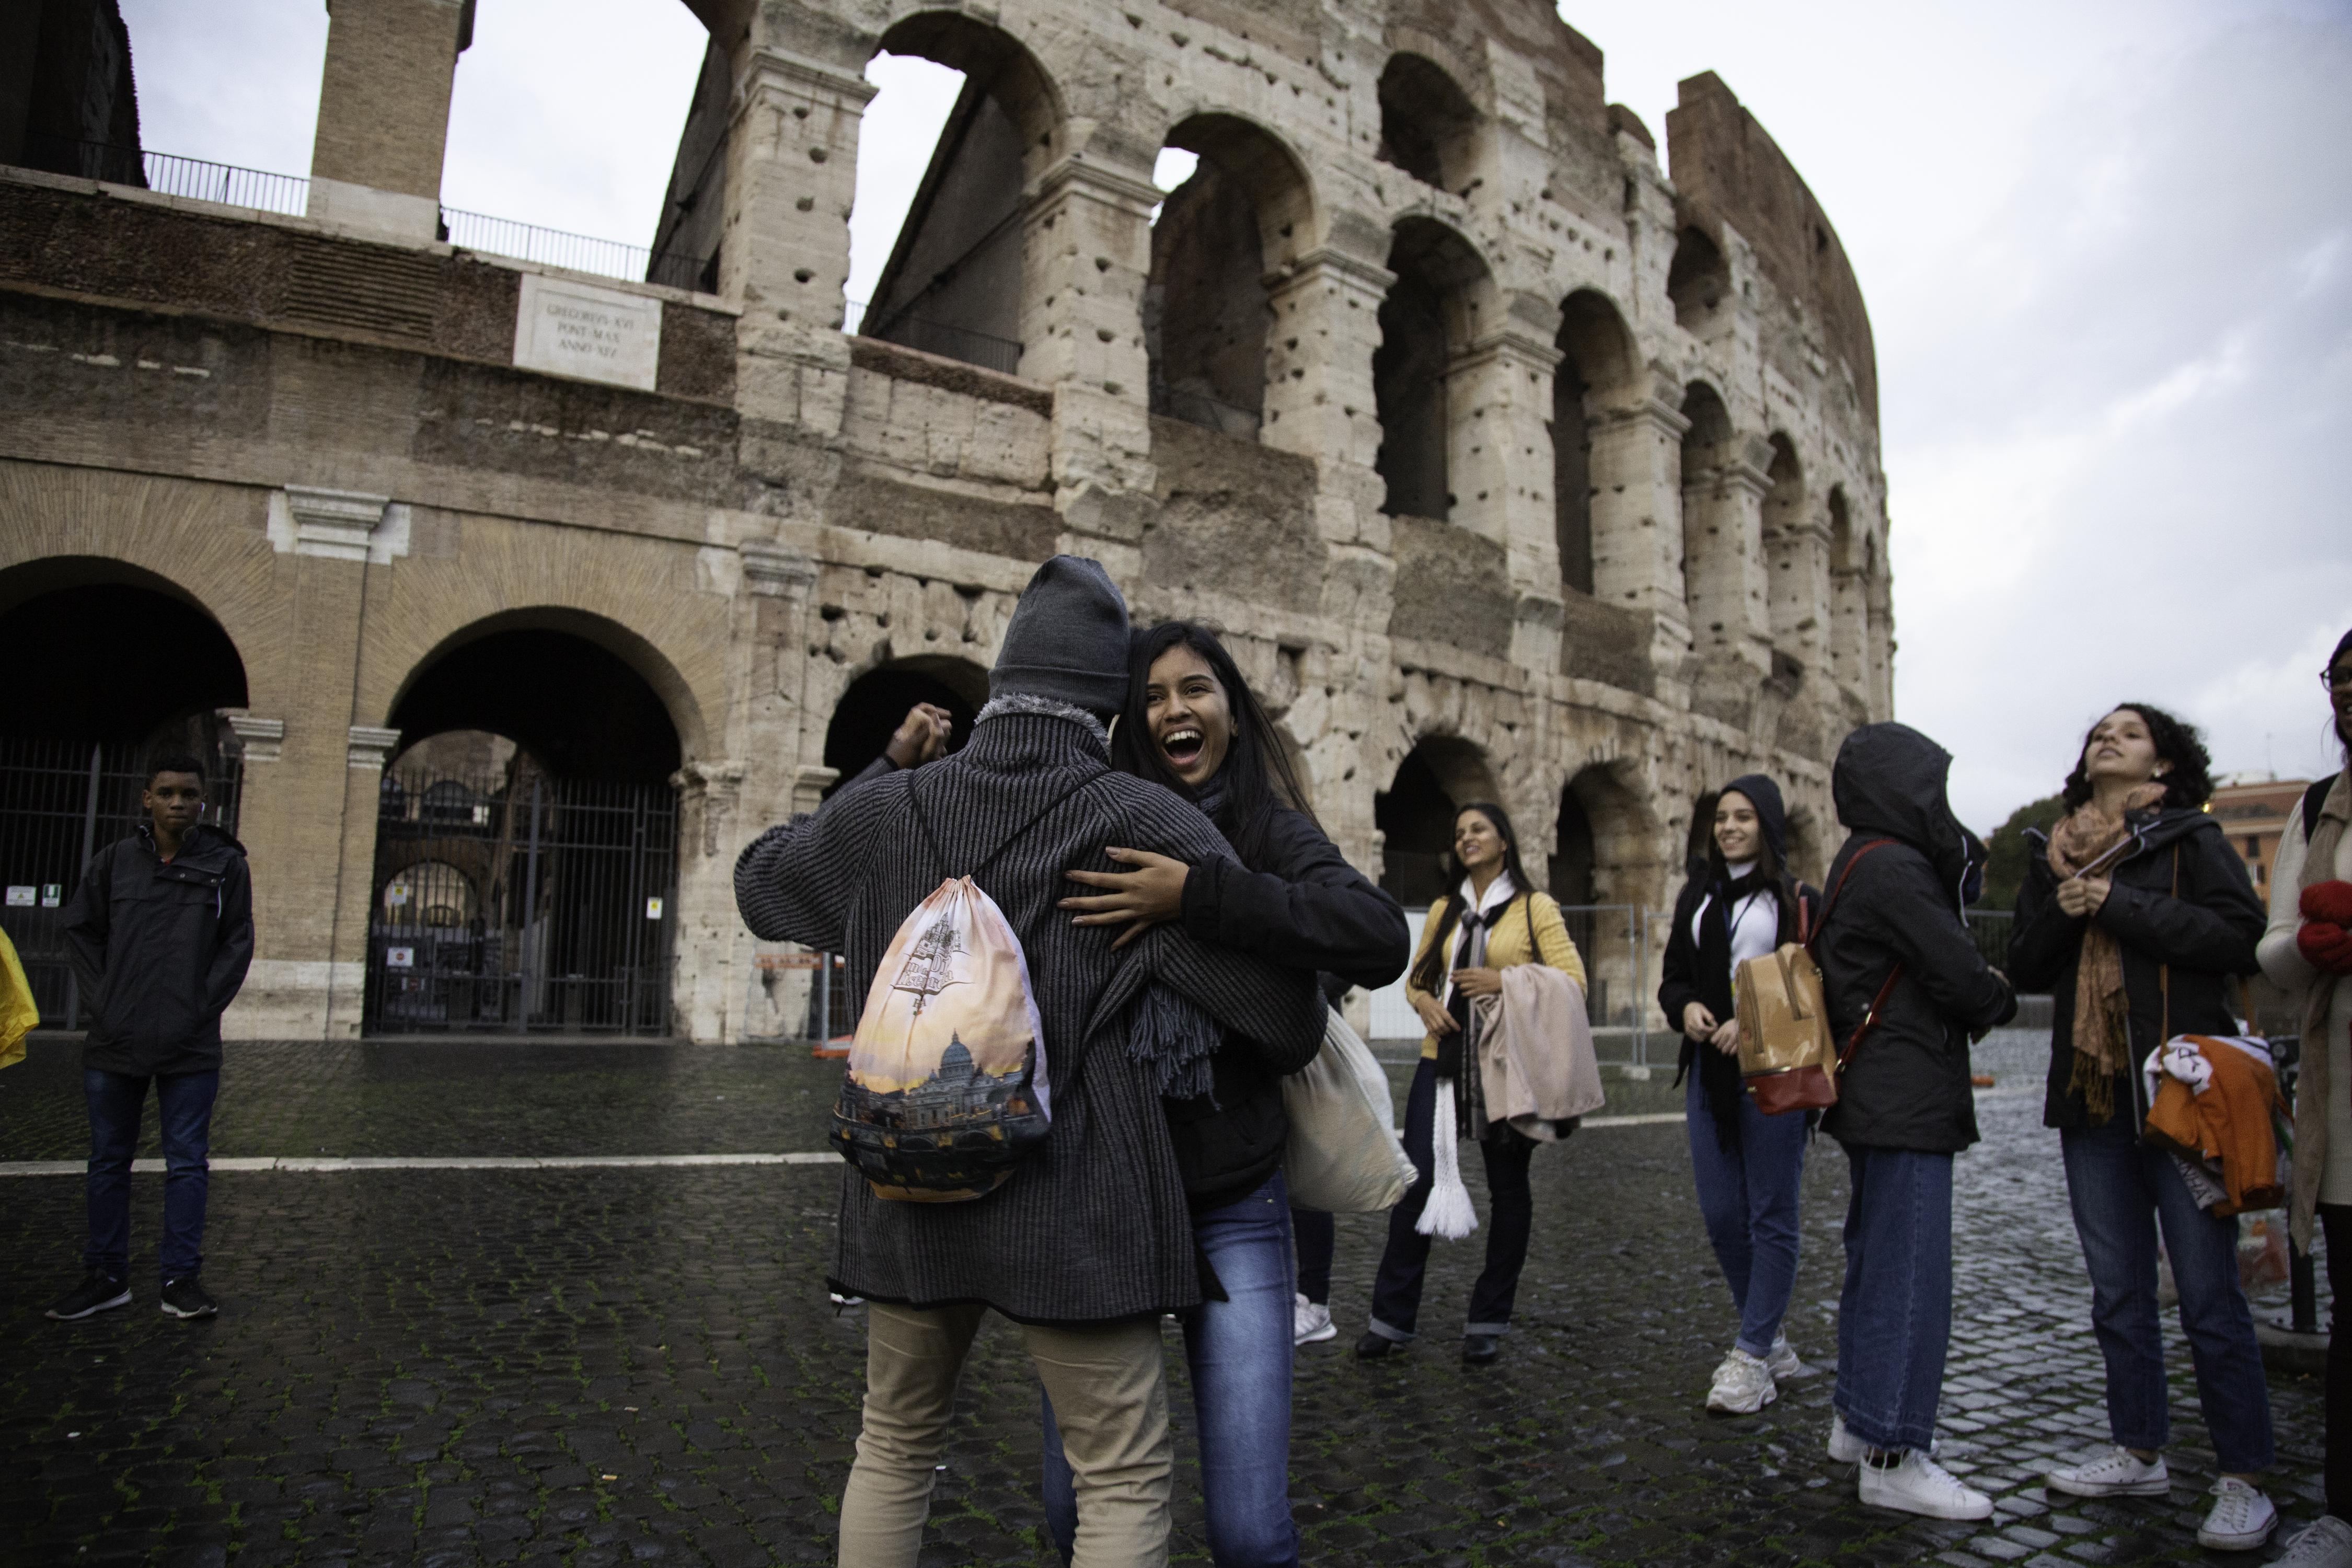 Criativos da Escola se divertem no Coliseu / Alicia Peres